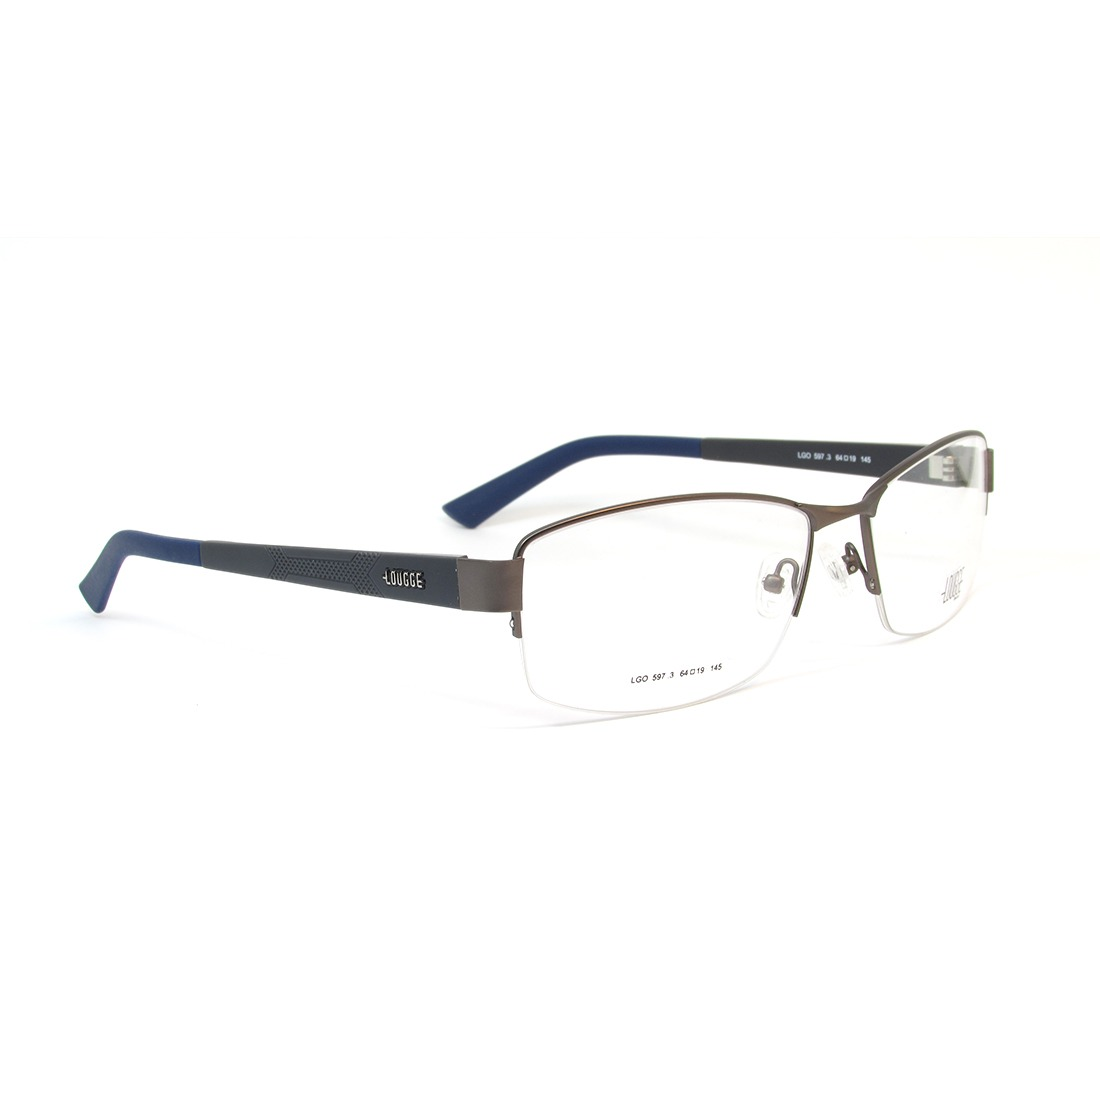 d56e0d77b56fb Lougge Lgo 597 Óculos De Grau - R  451